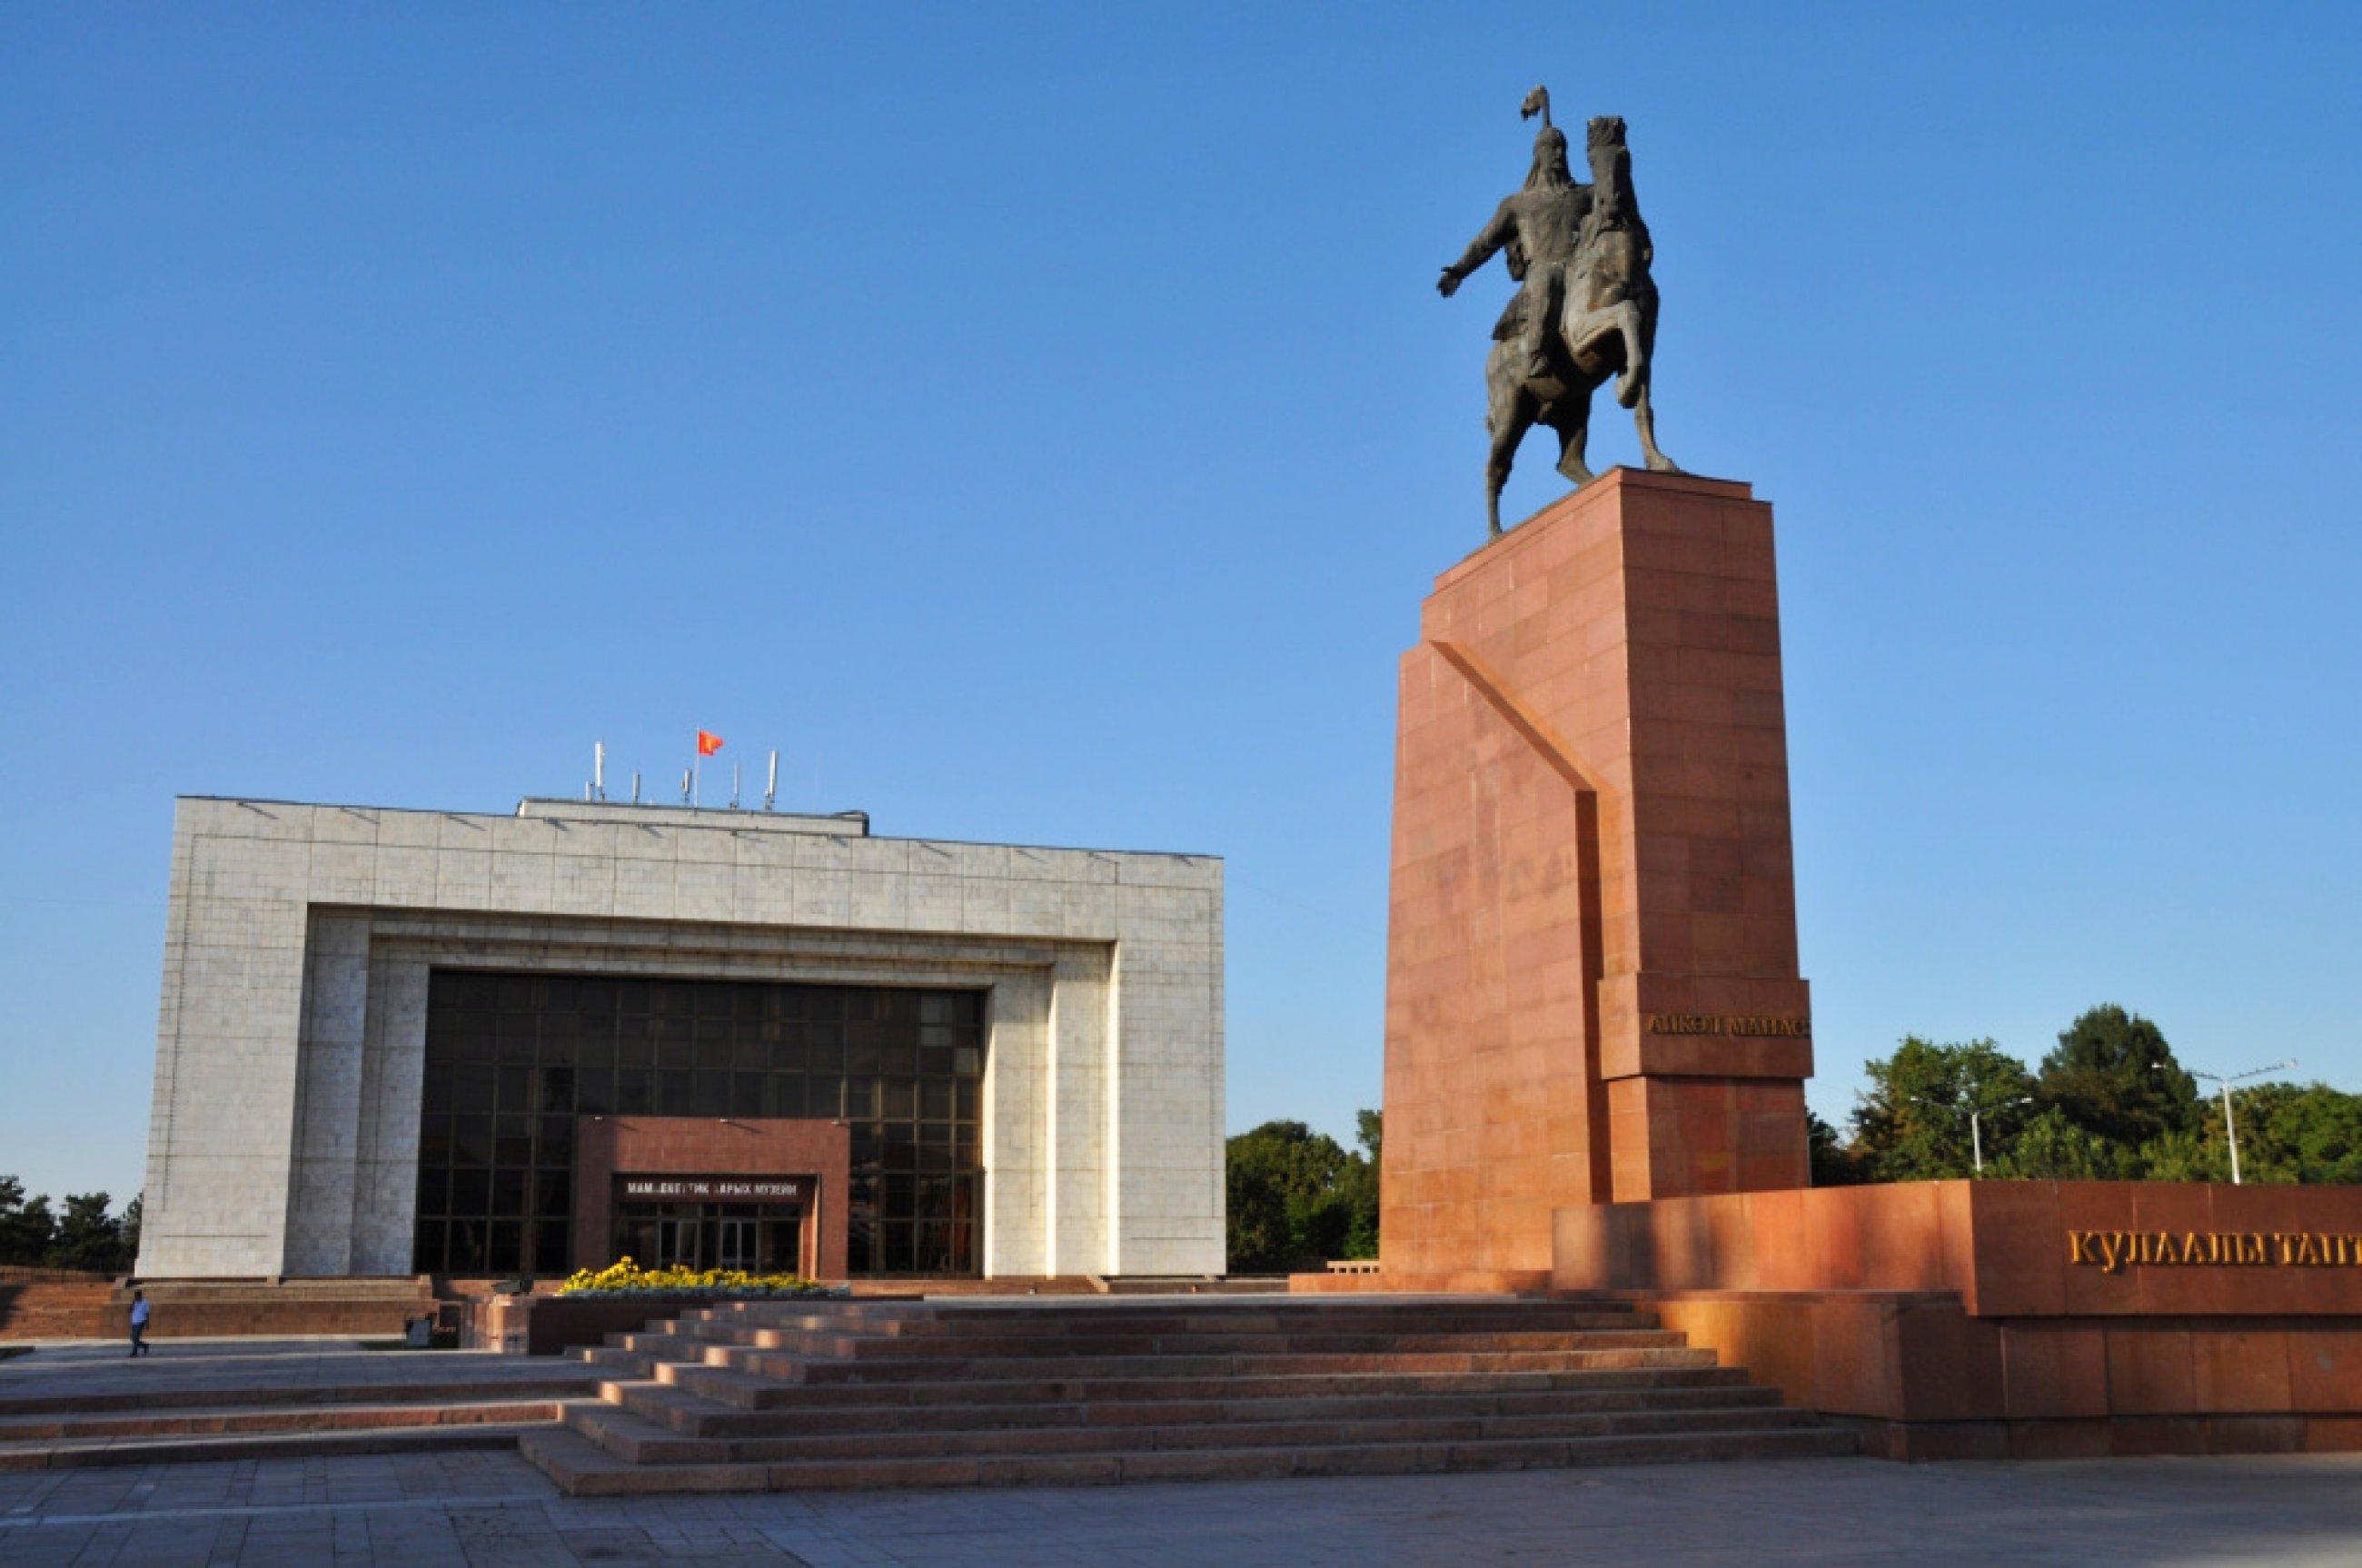 https://bubo.sk/uploads/galleries/3470/kirgizstan-05.jpg